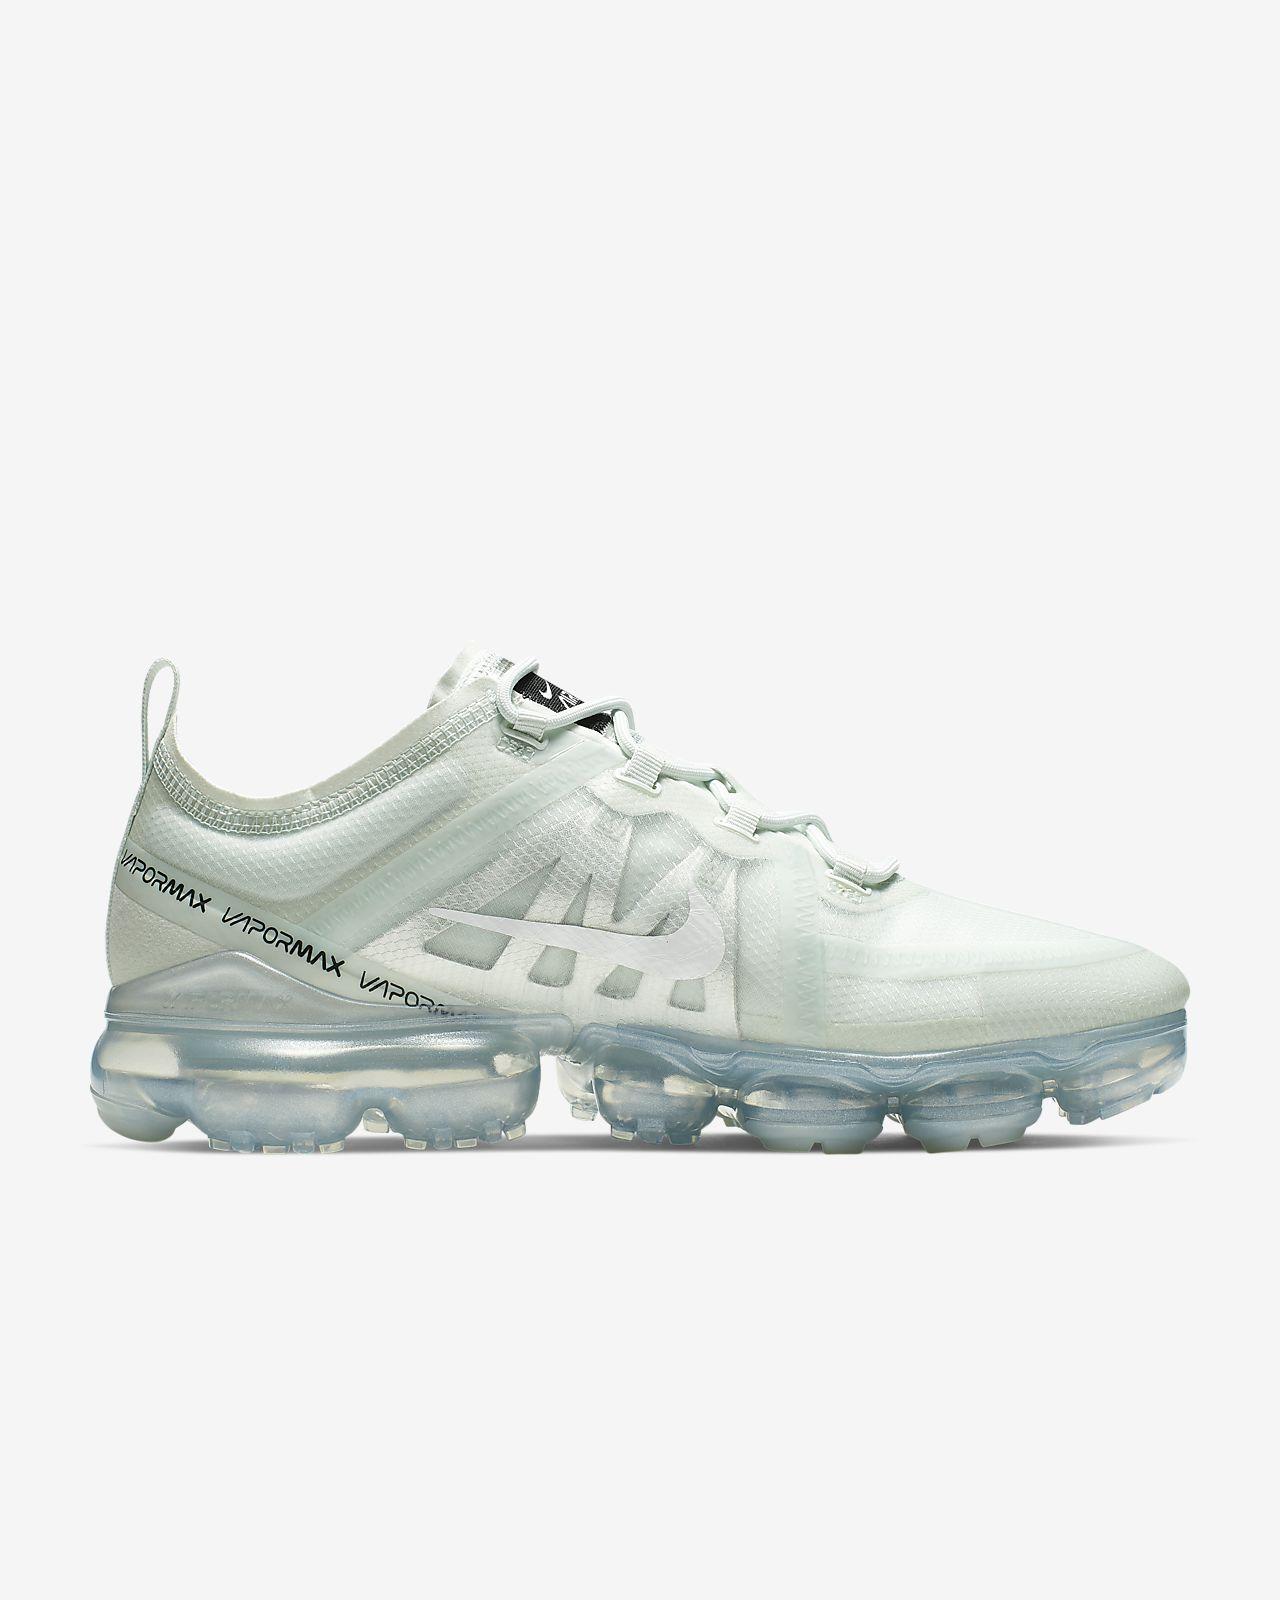 zapatos nike hombre vapormax